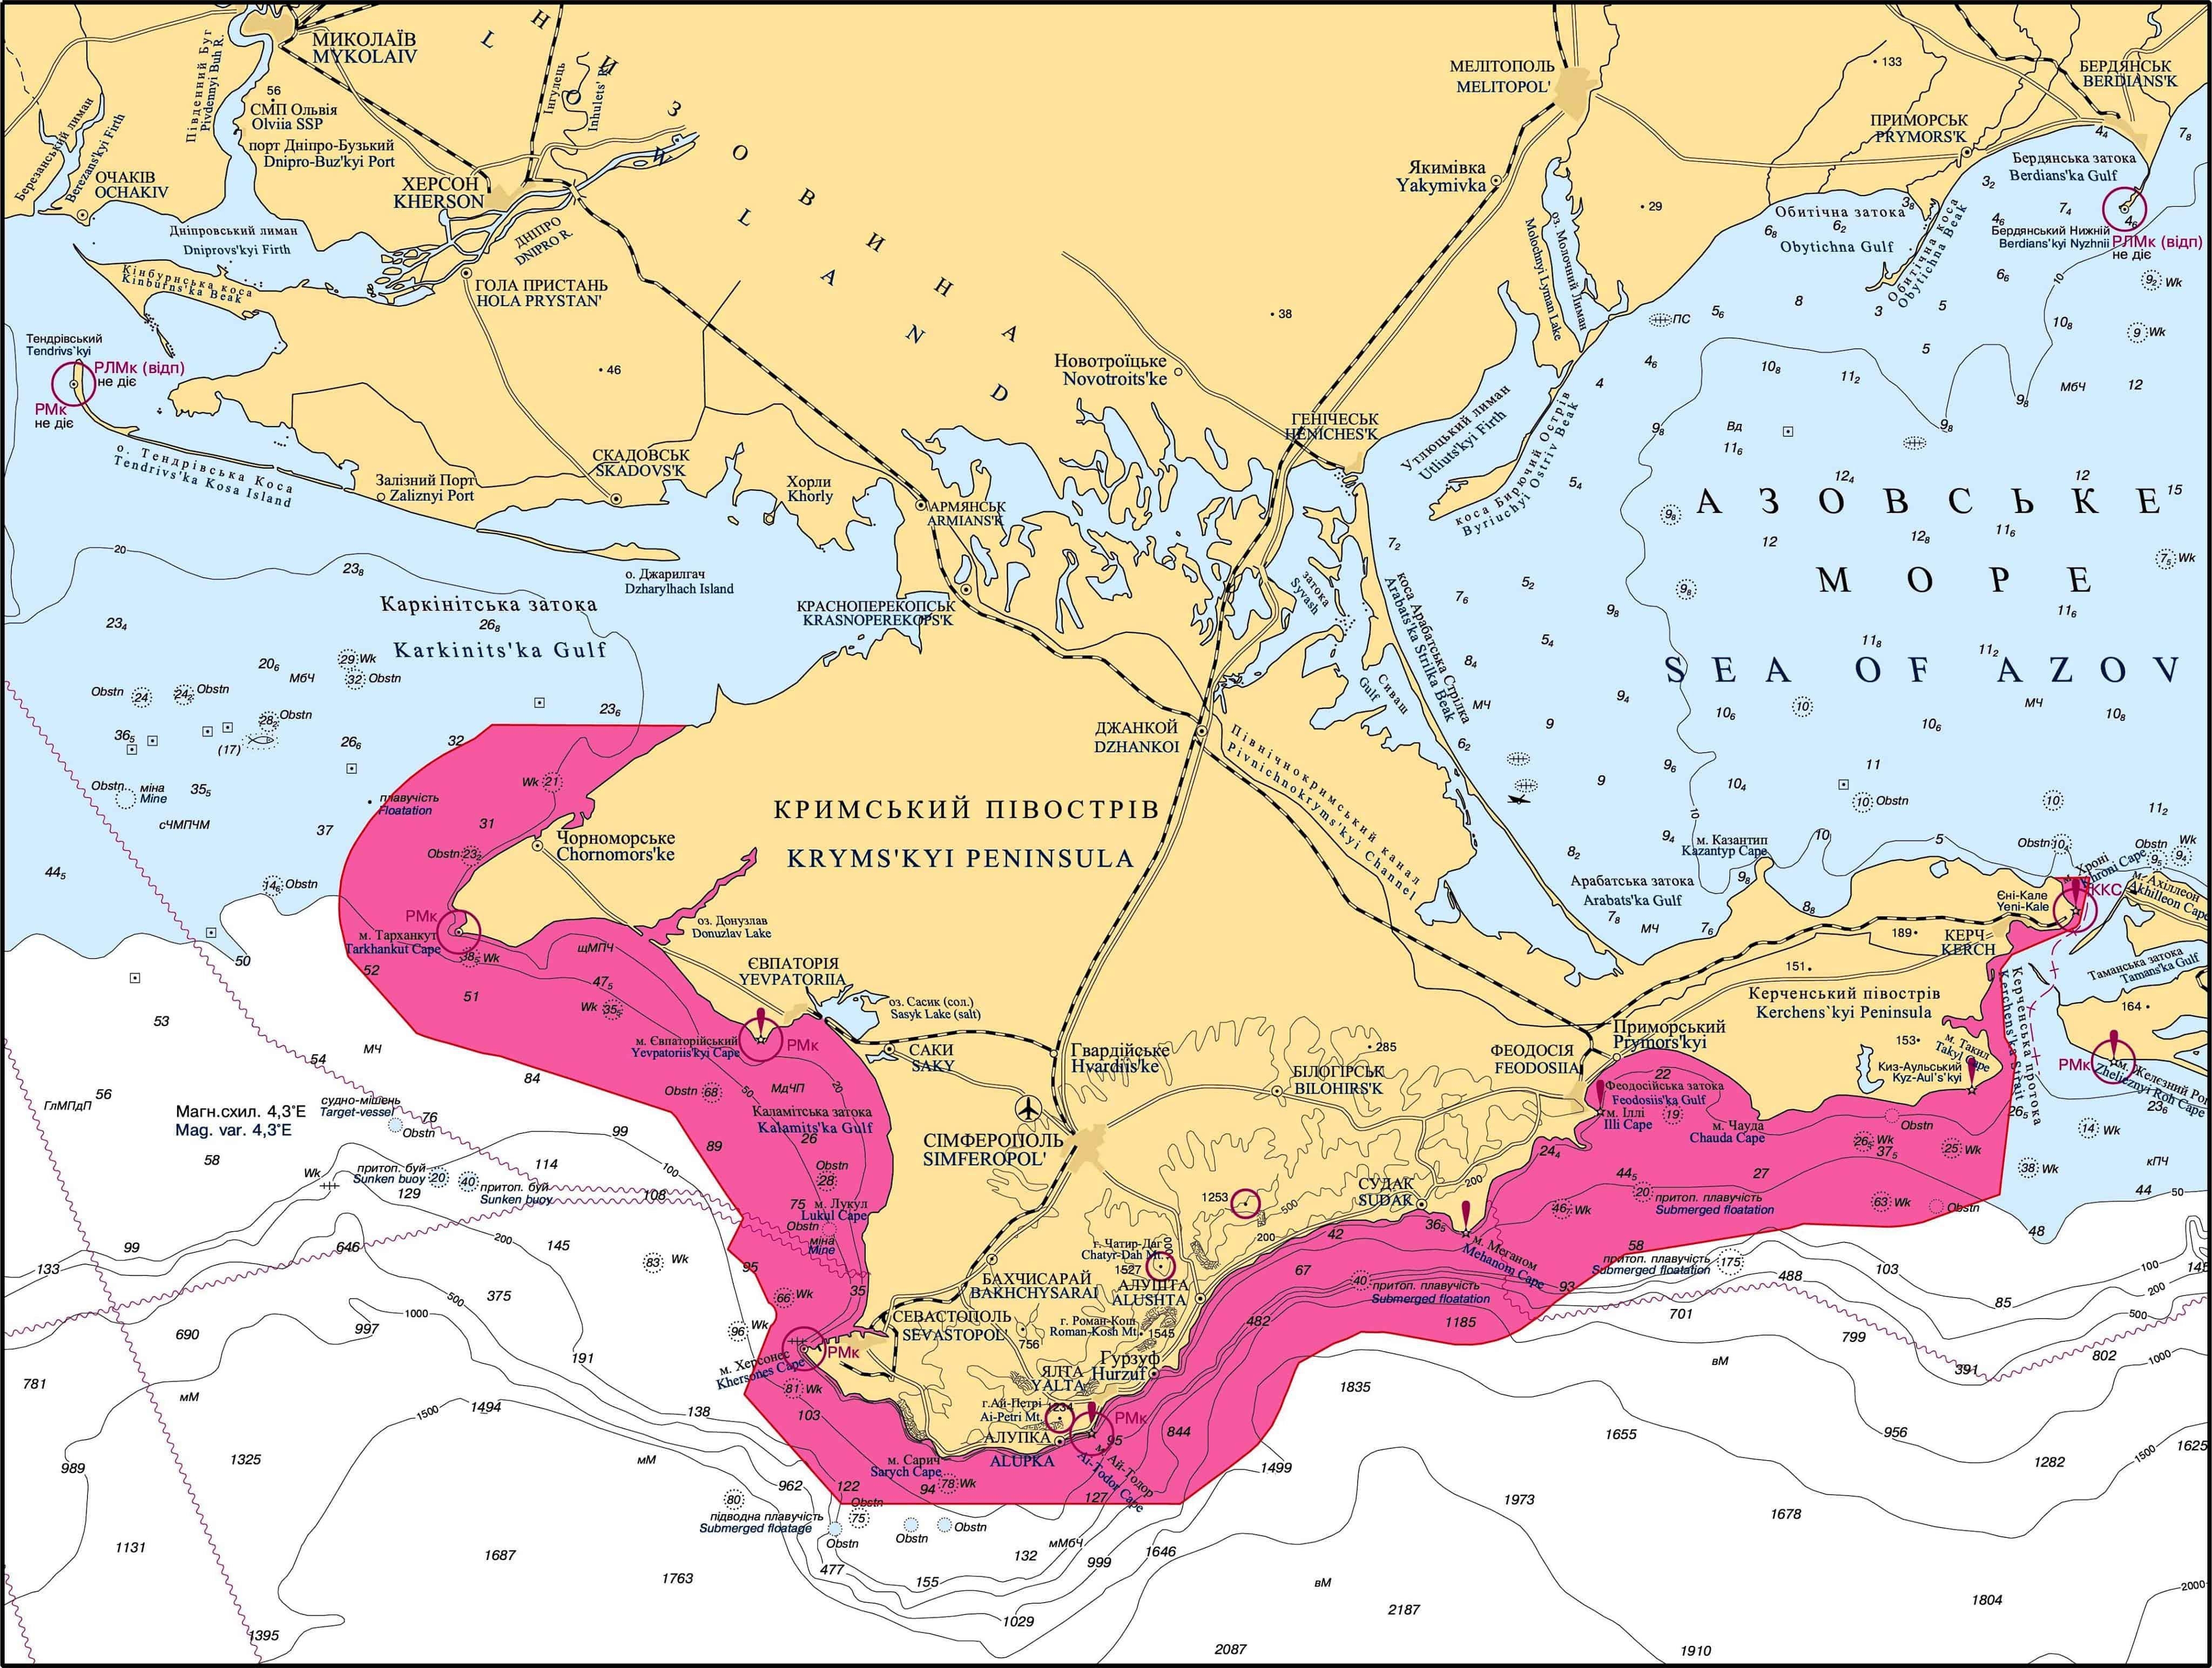 Морський режимний район навколо окупованого Криму